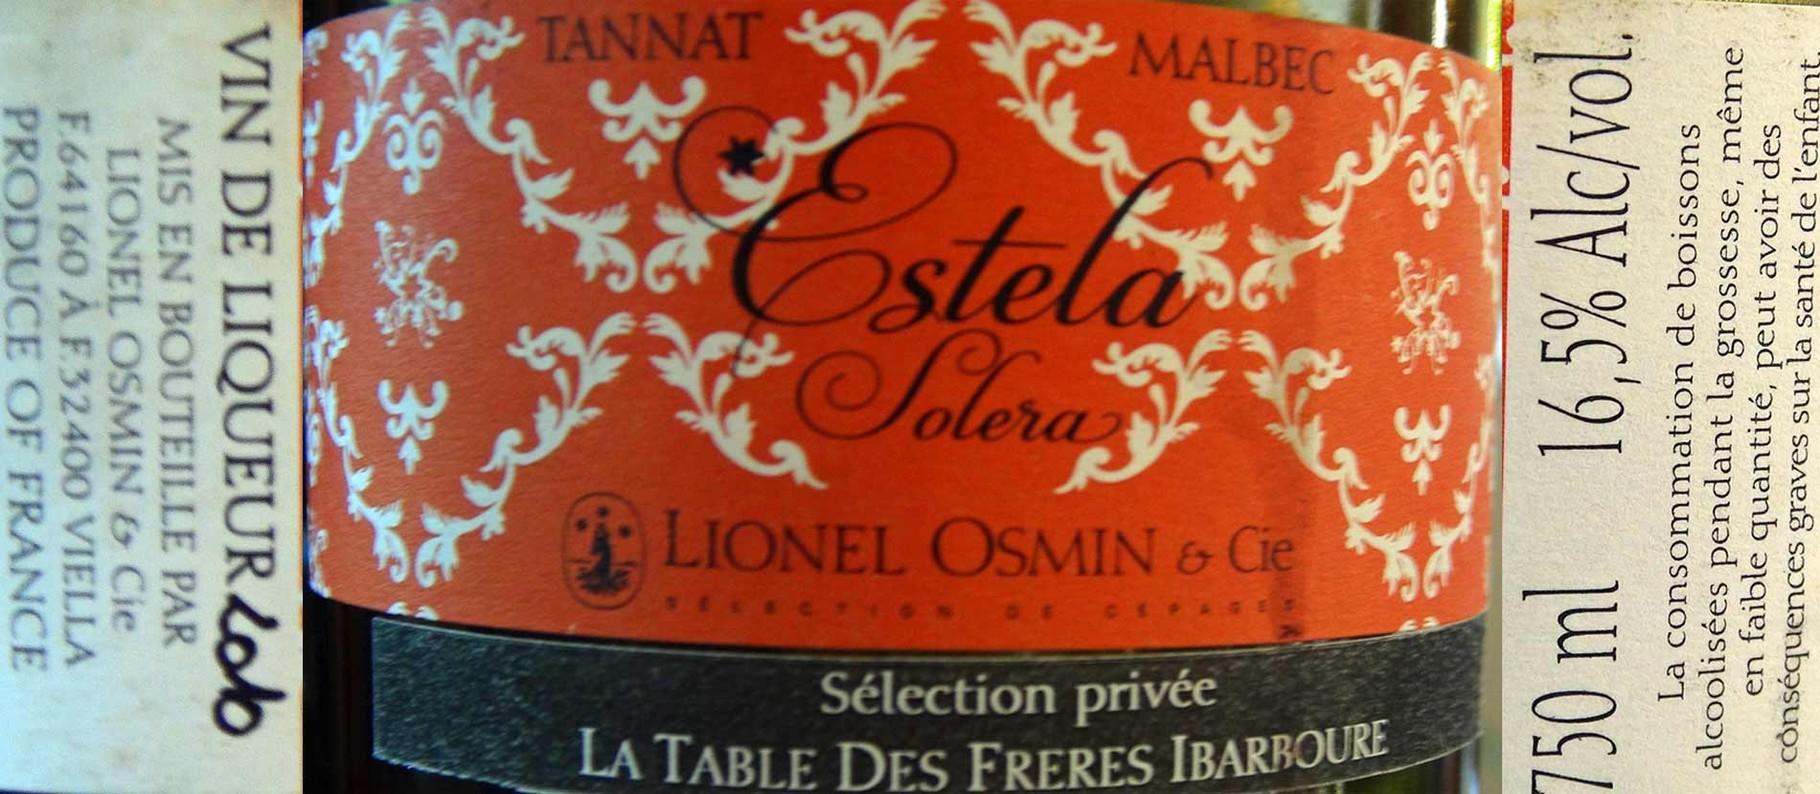 """Vin de liqueur """"Tannat/Malbec """"Estela Solera"""" de Lionel Osmin"""